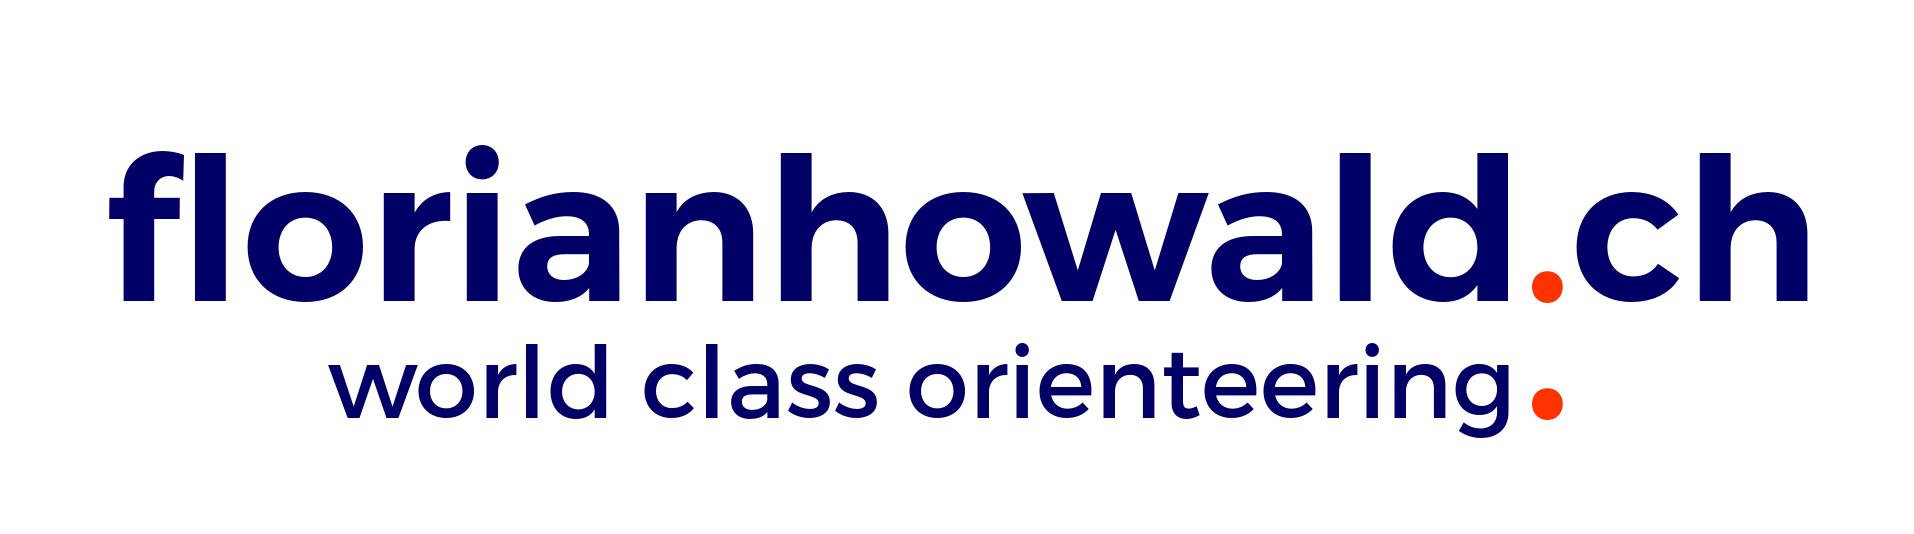 logo_florianhowaldch